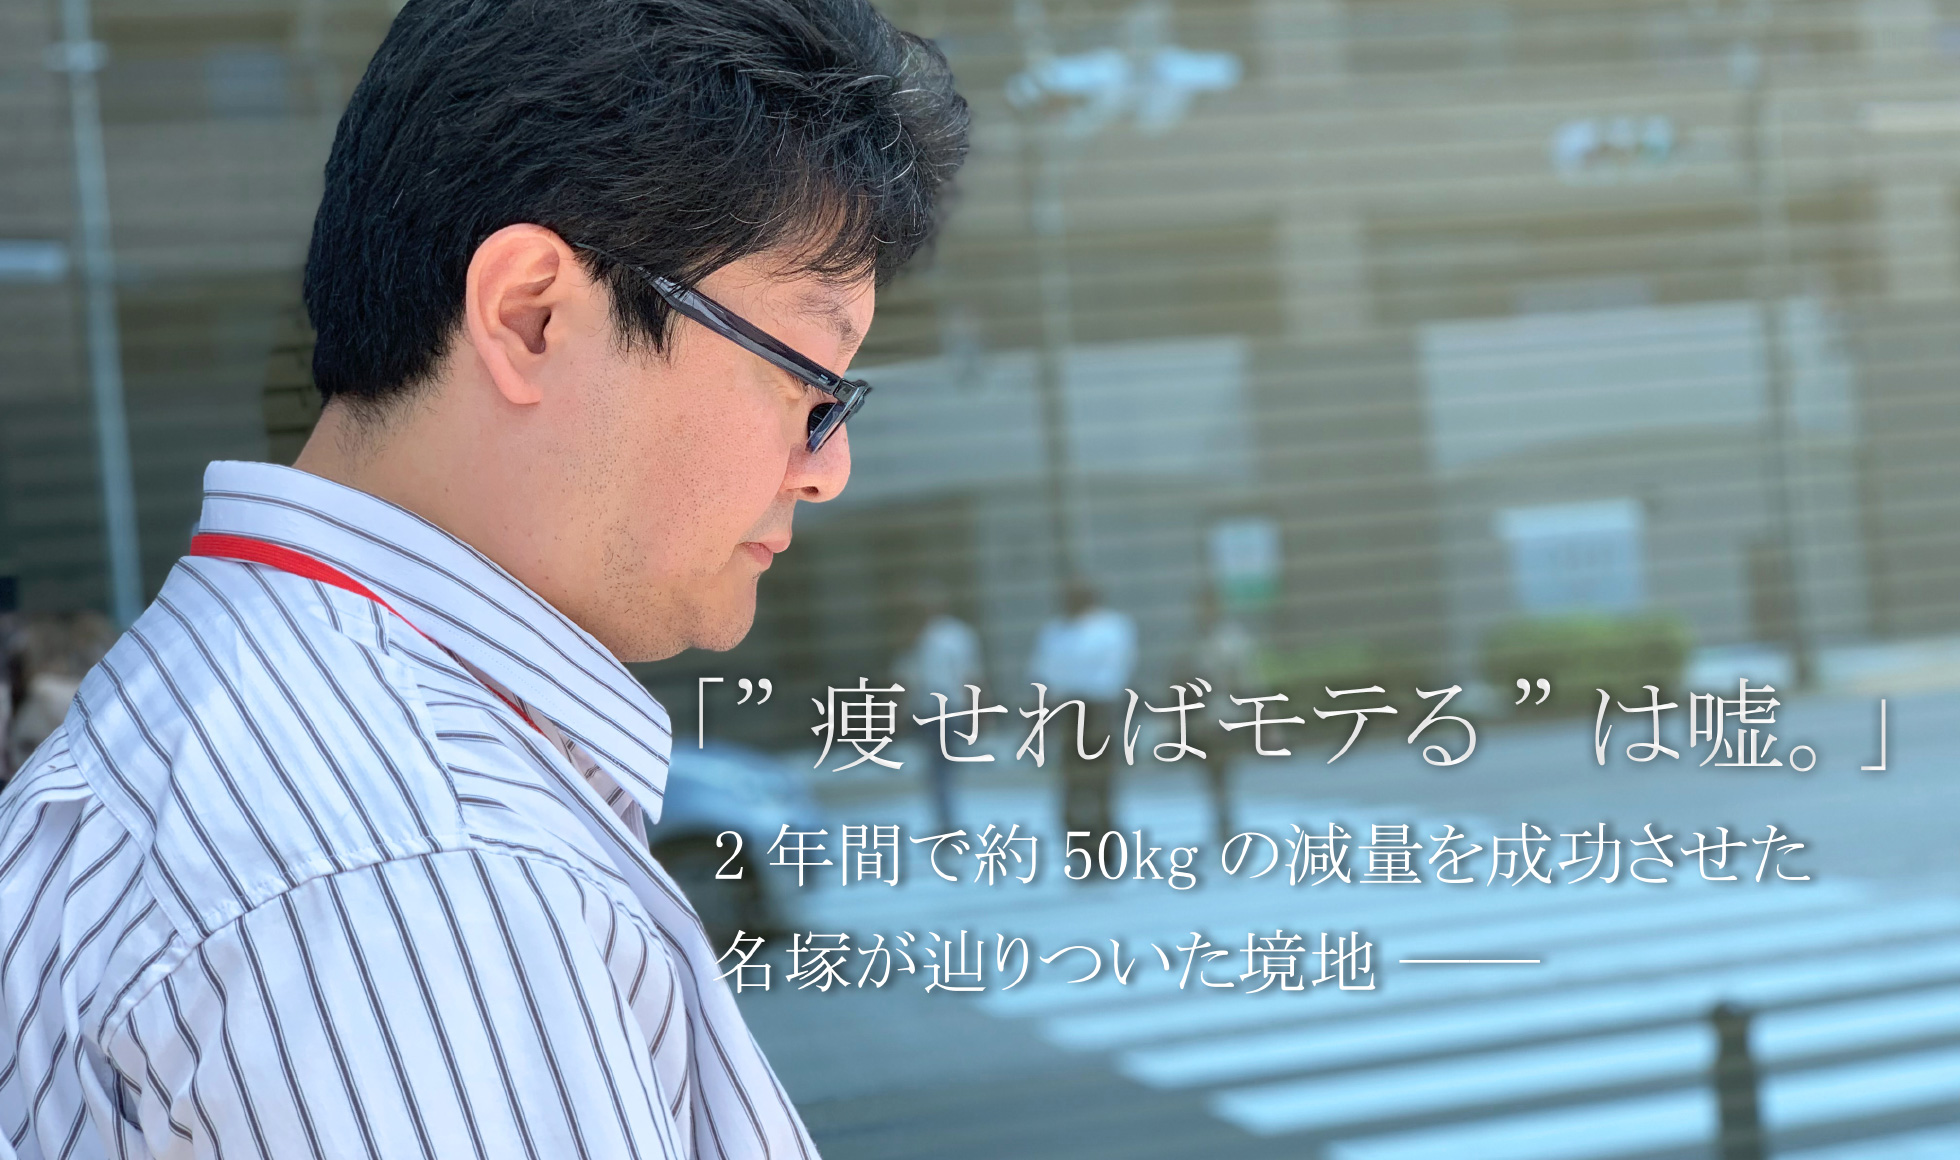 【特集】2年間で50kgの減量を成功させた名塚が辿りついた境地